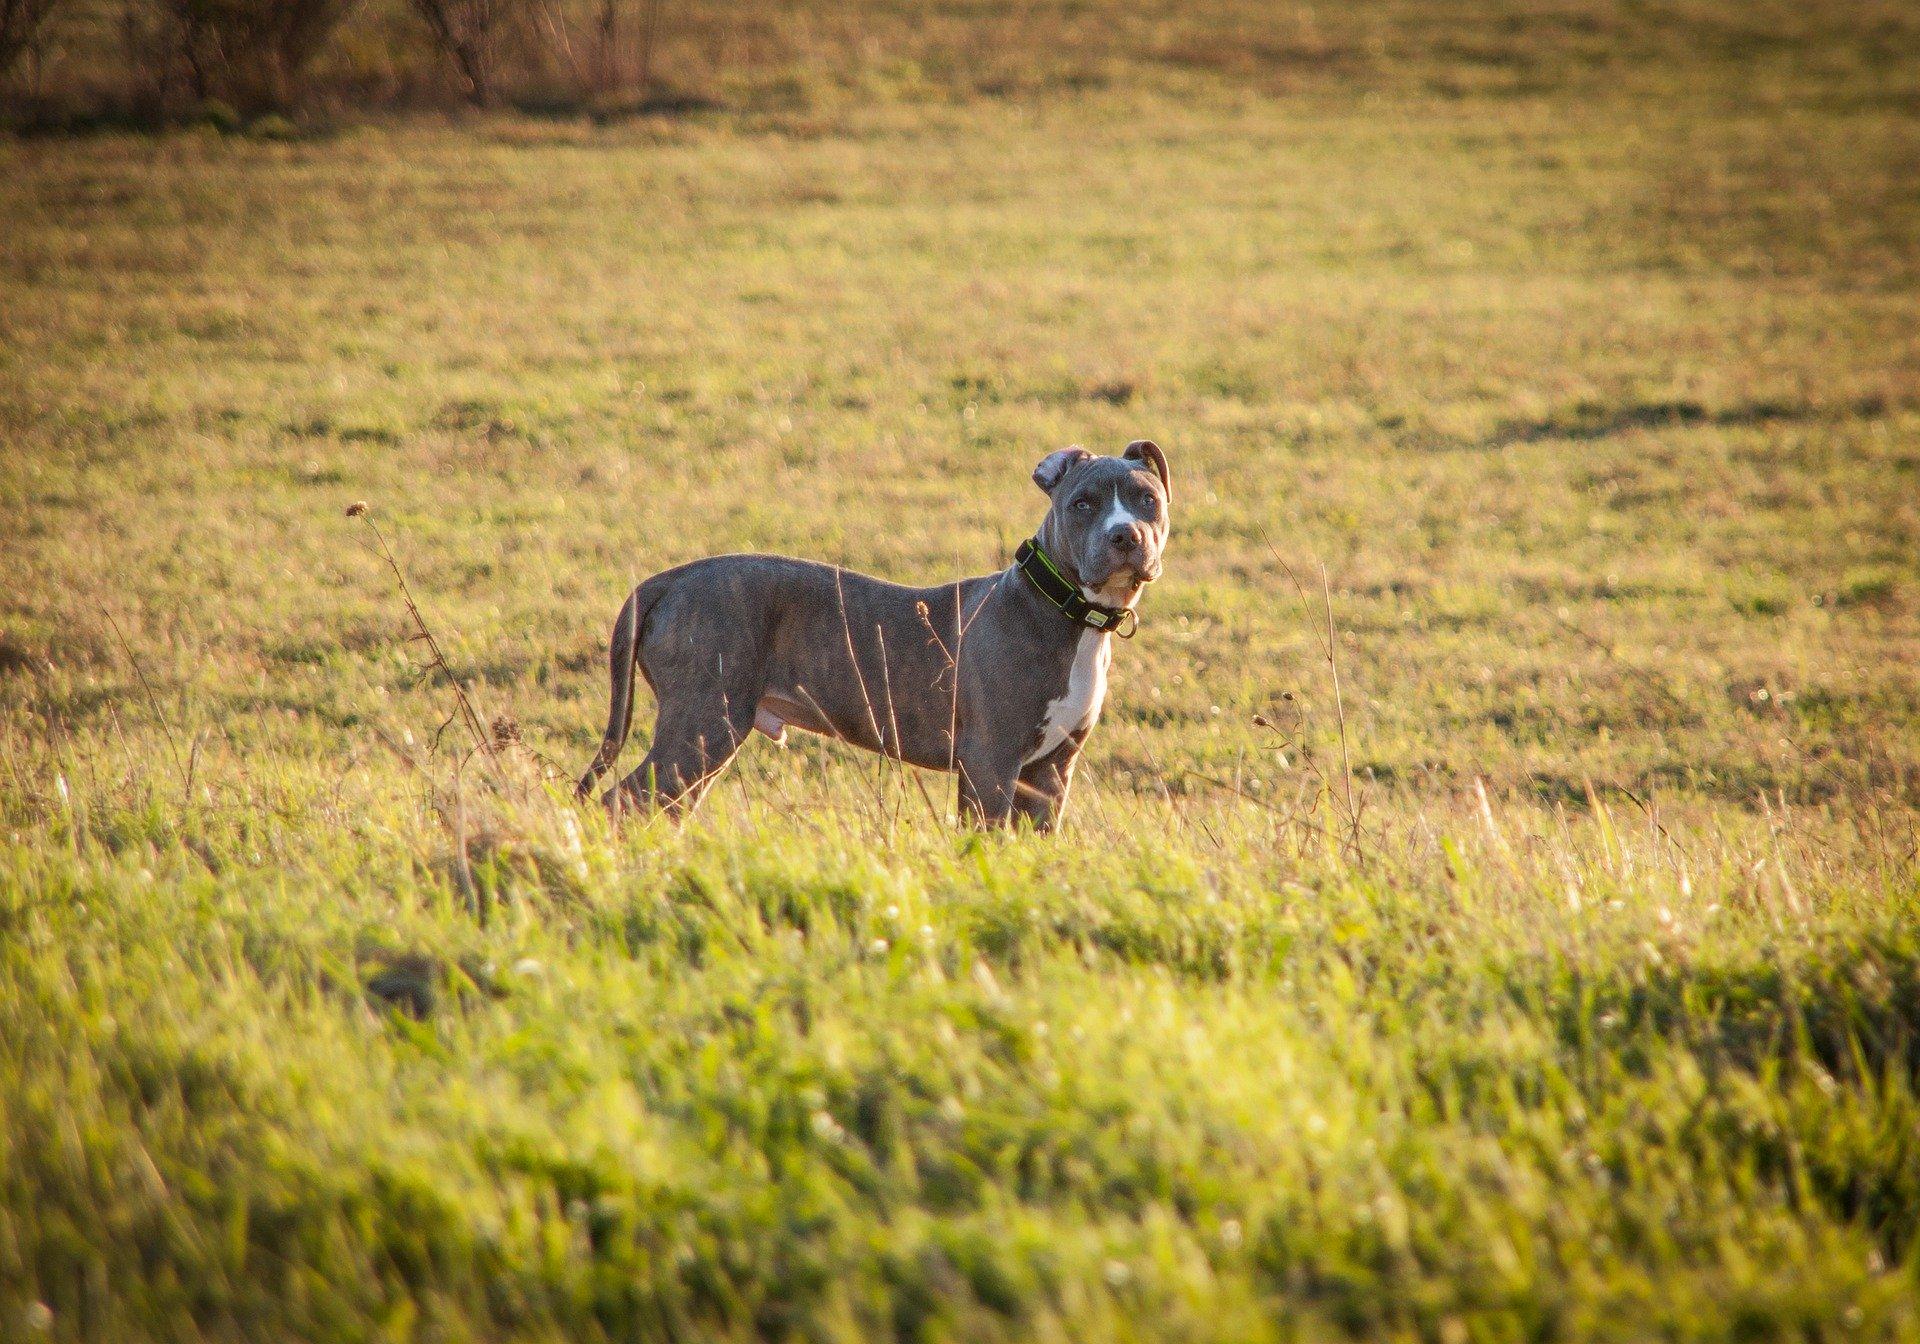 Der American Staffordshire Terrier gilt als die Hunderasse, die relativ gesund ist und bis zum Ende gute Kondition hat. Die Hunde sind stark, kräftig und muskulös.